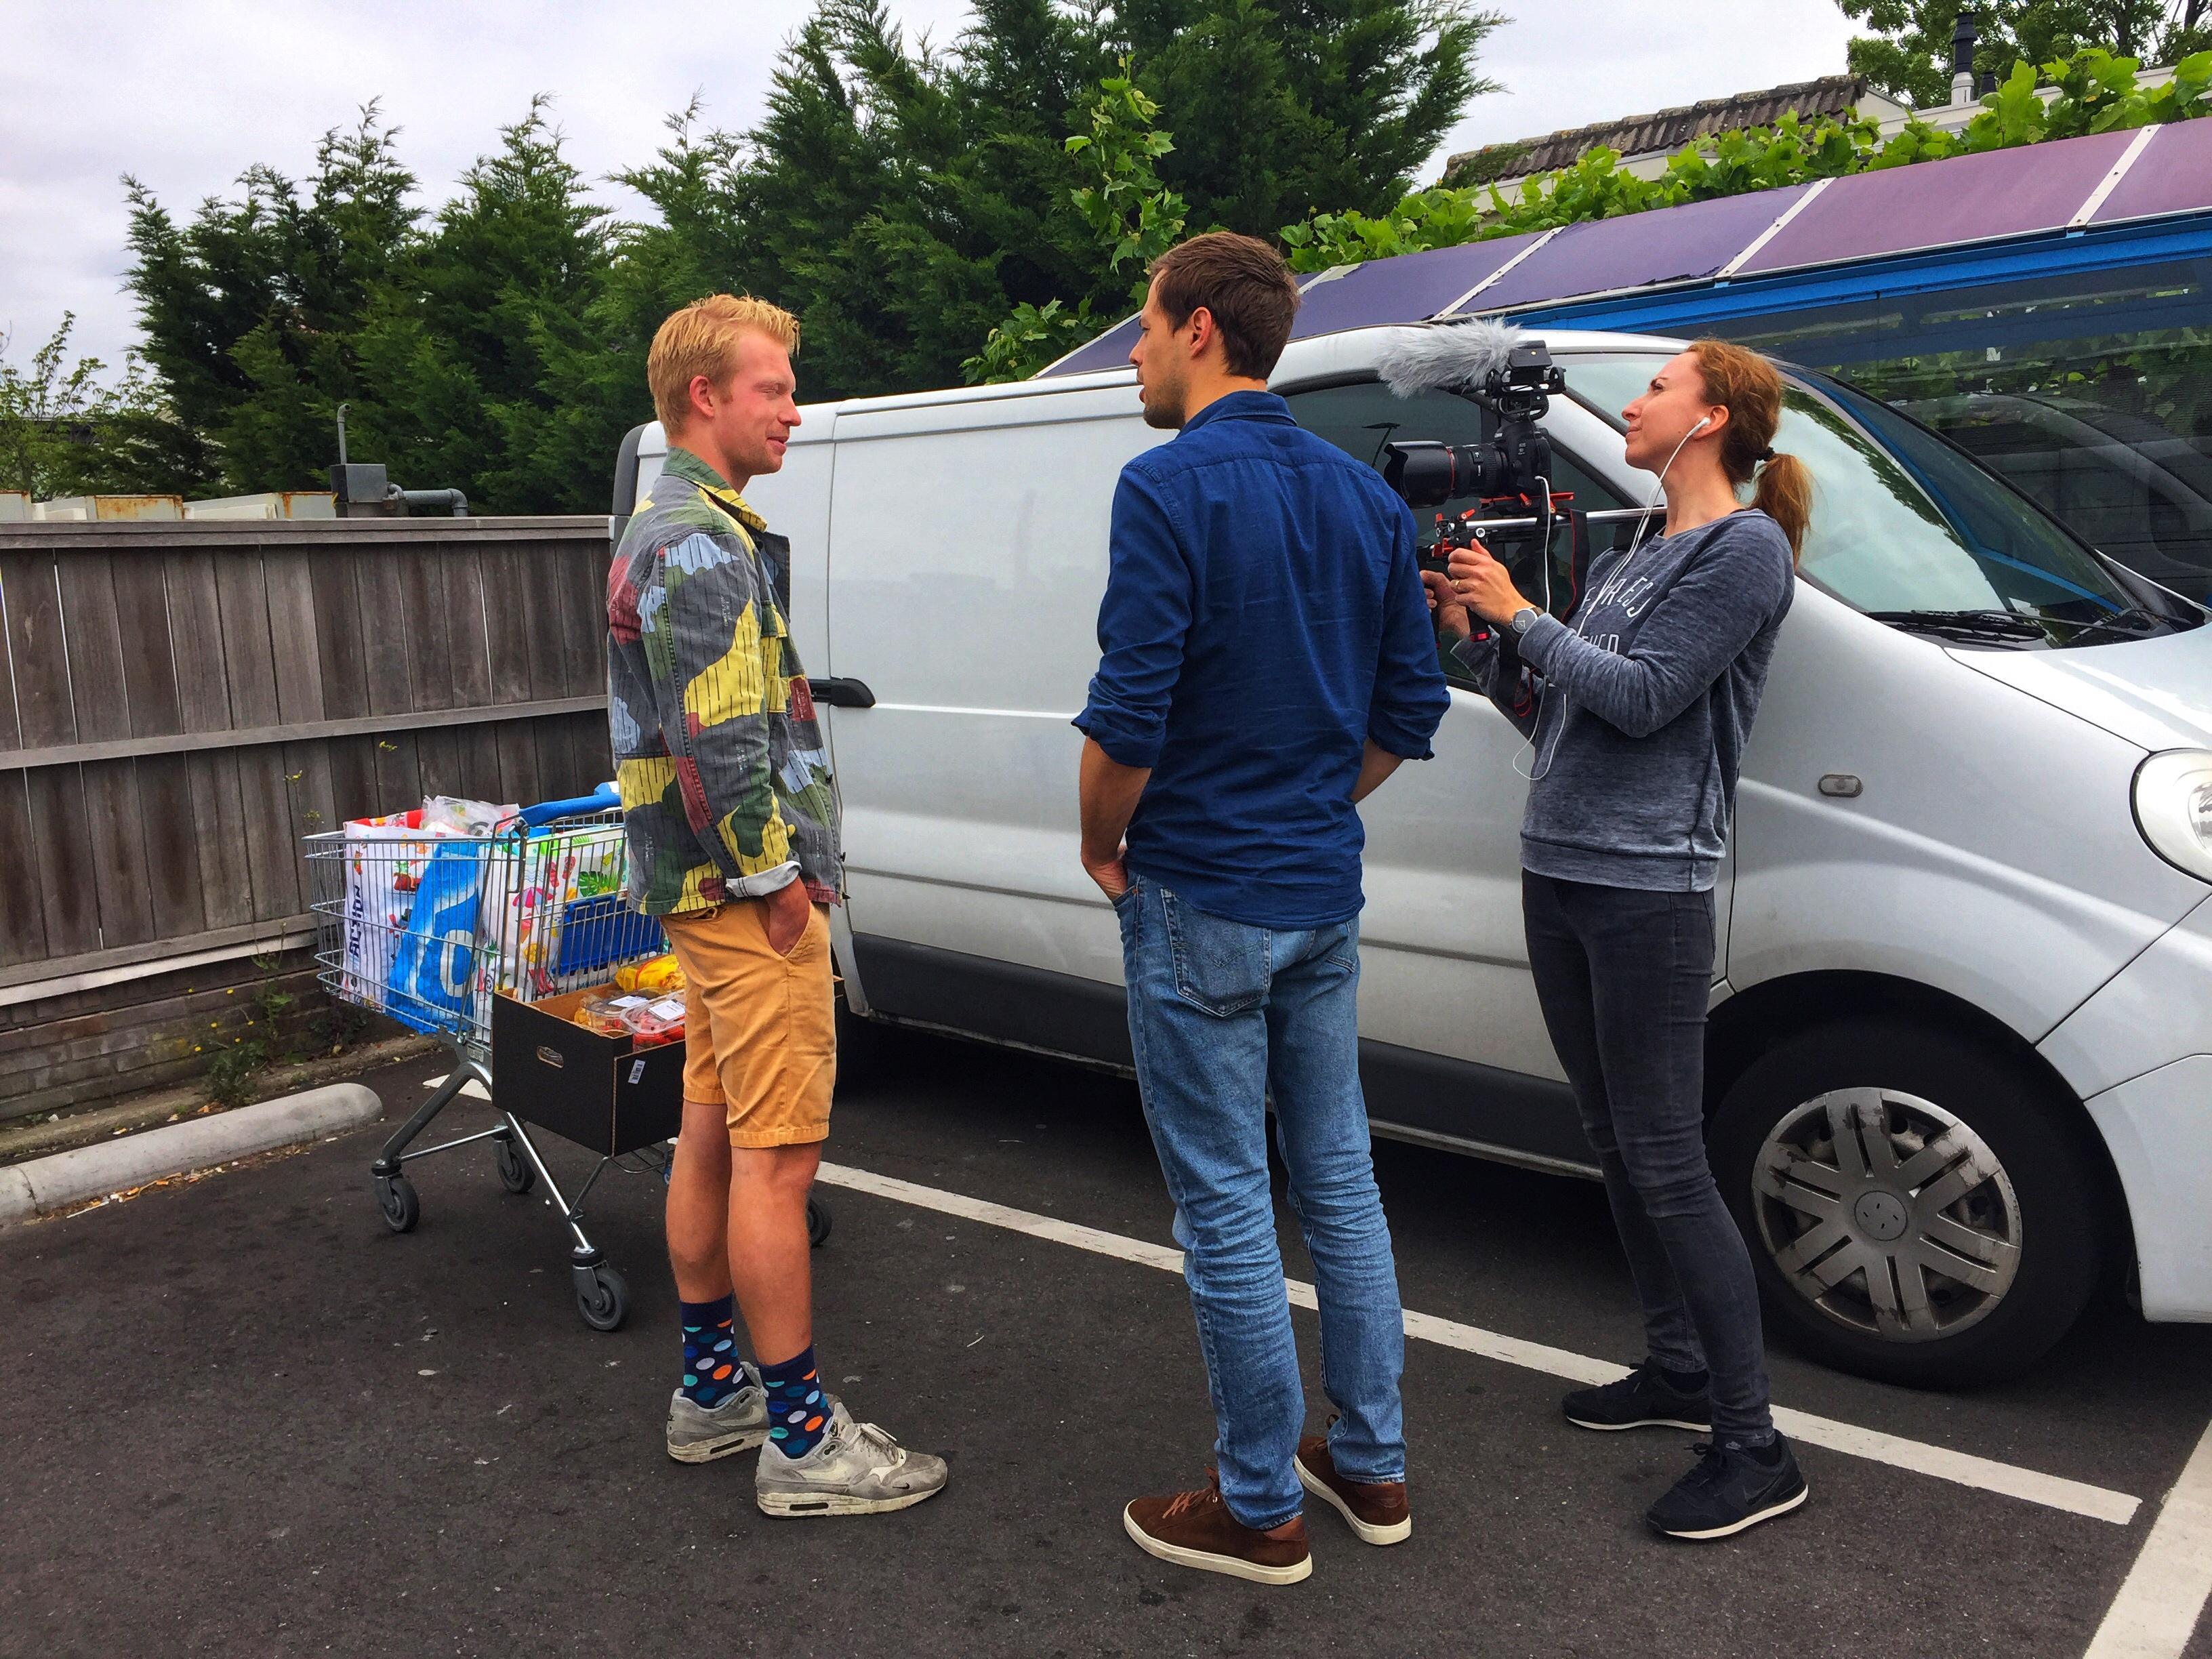 Haarlemmermeerse wethouder luchthavenzaken spreekt mensen op straat aan: 'Wat vindt u van Schiphol?'